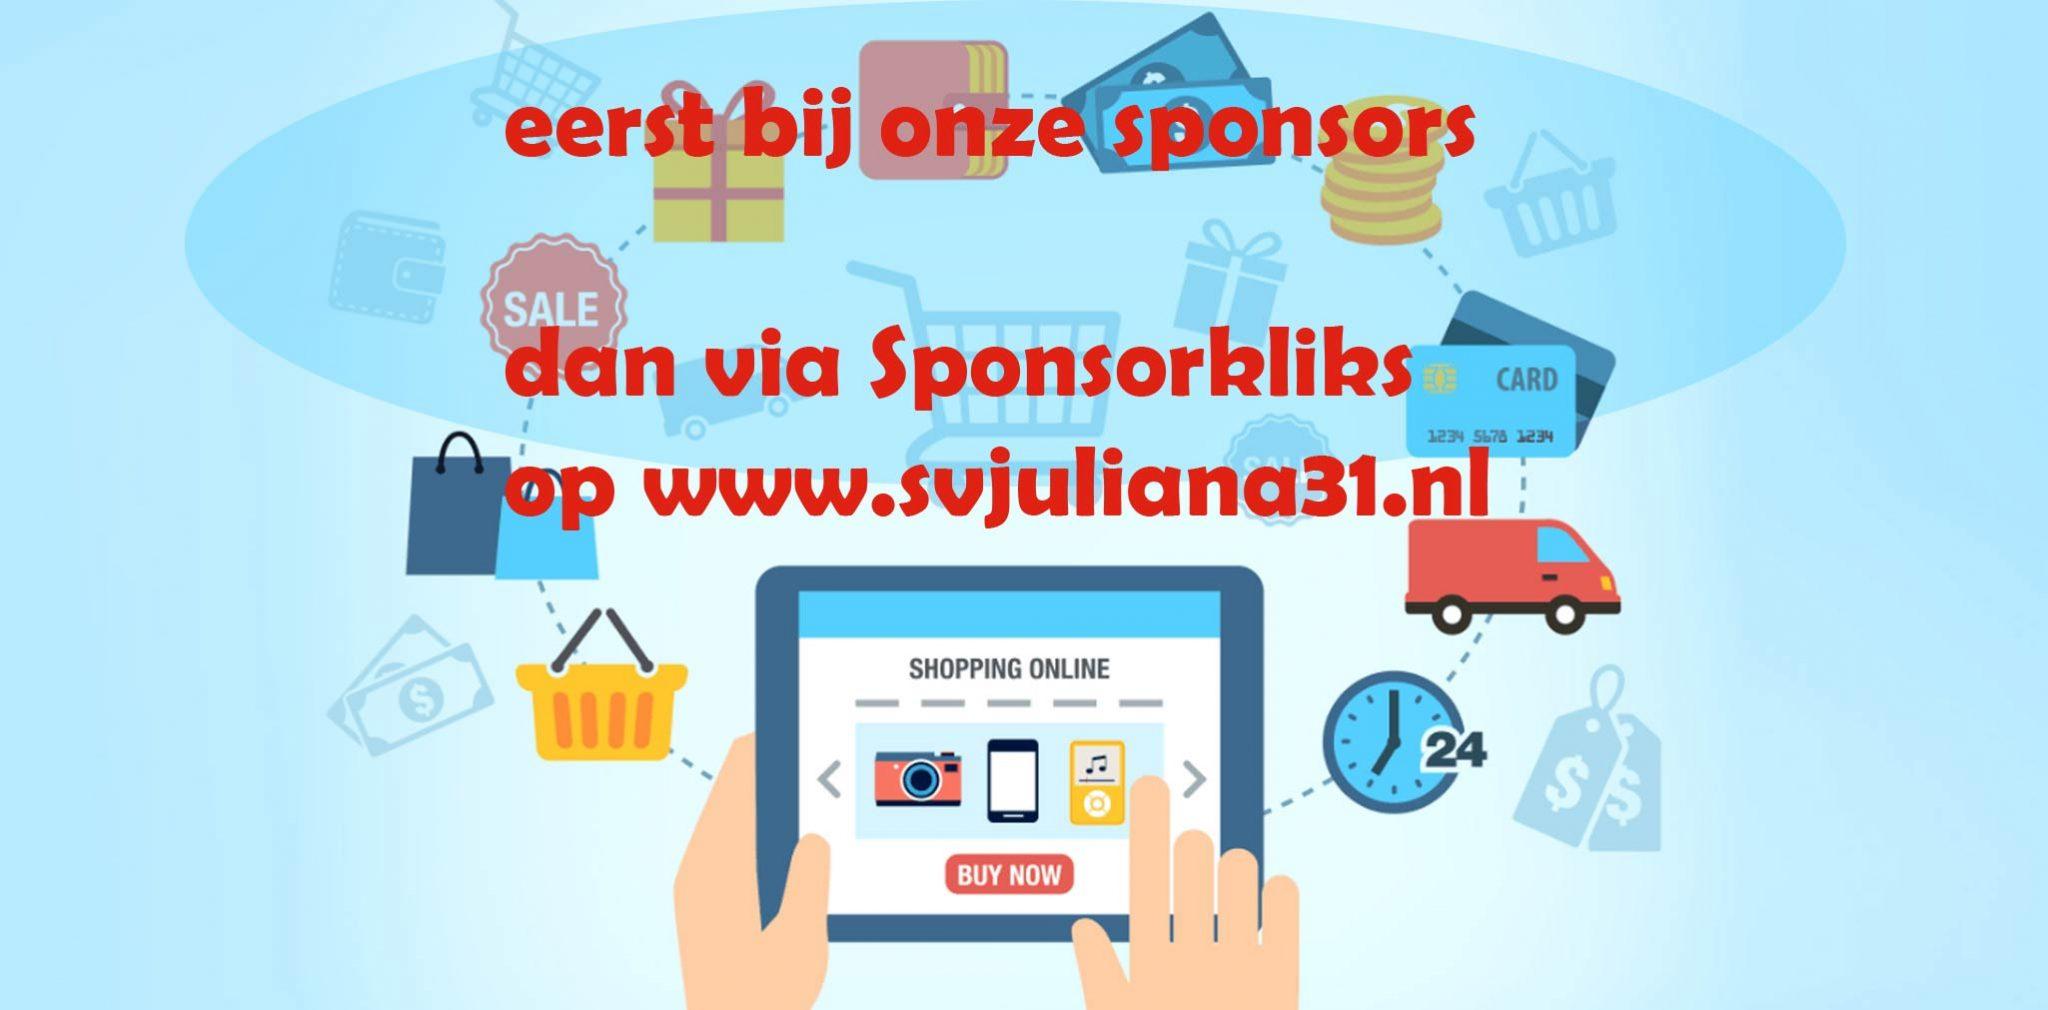 Online kopen: vergeet onze sponsors niet!